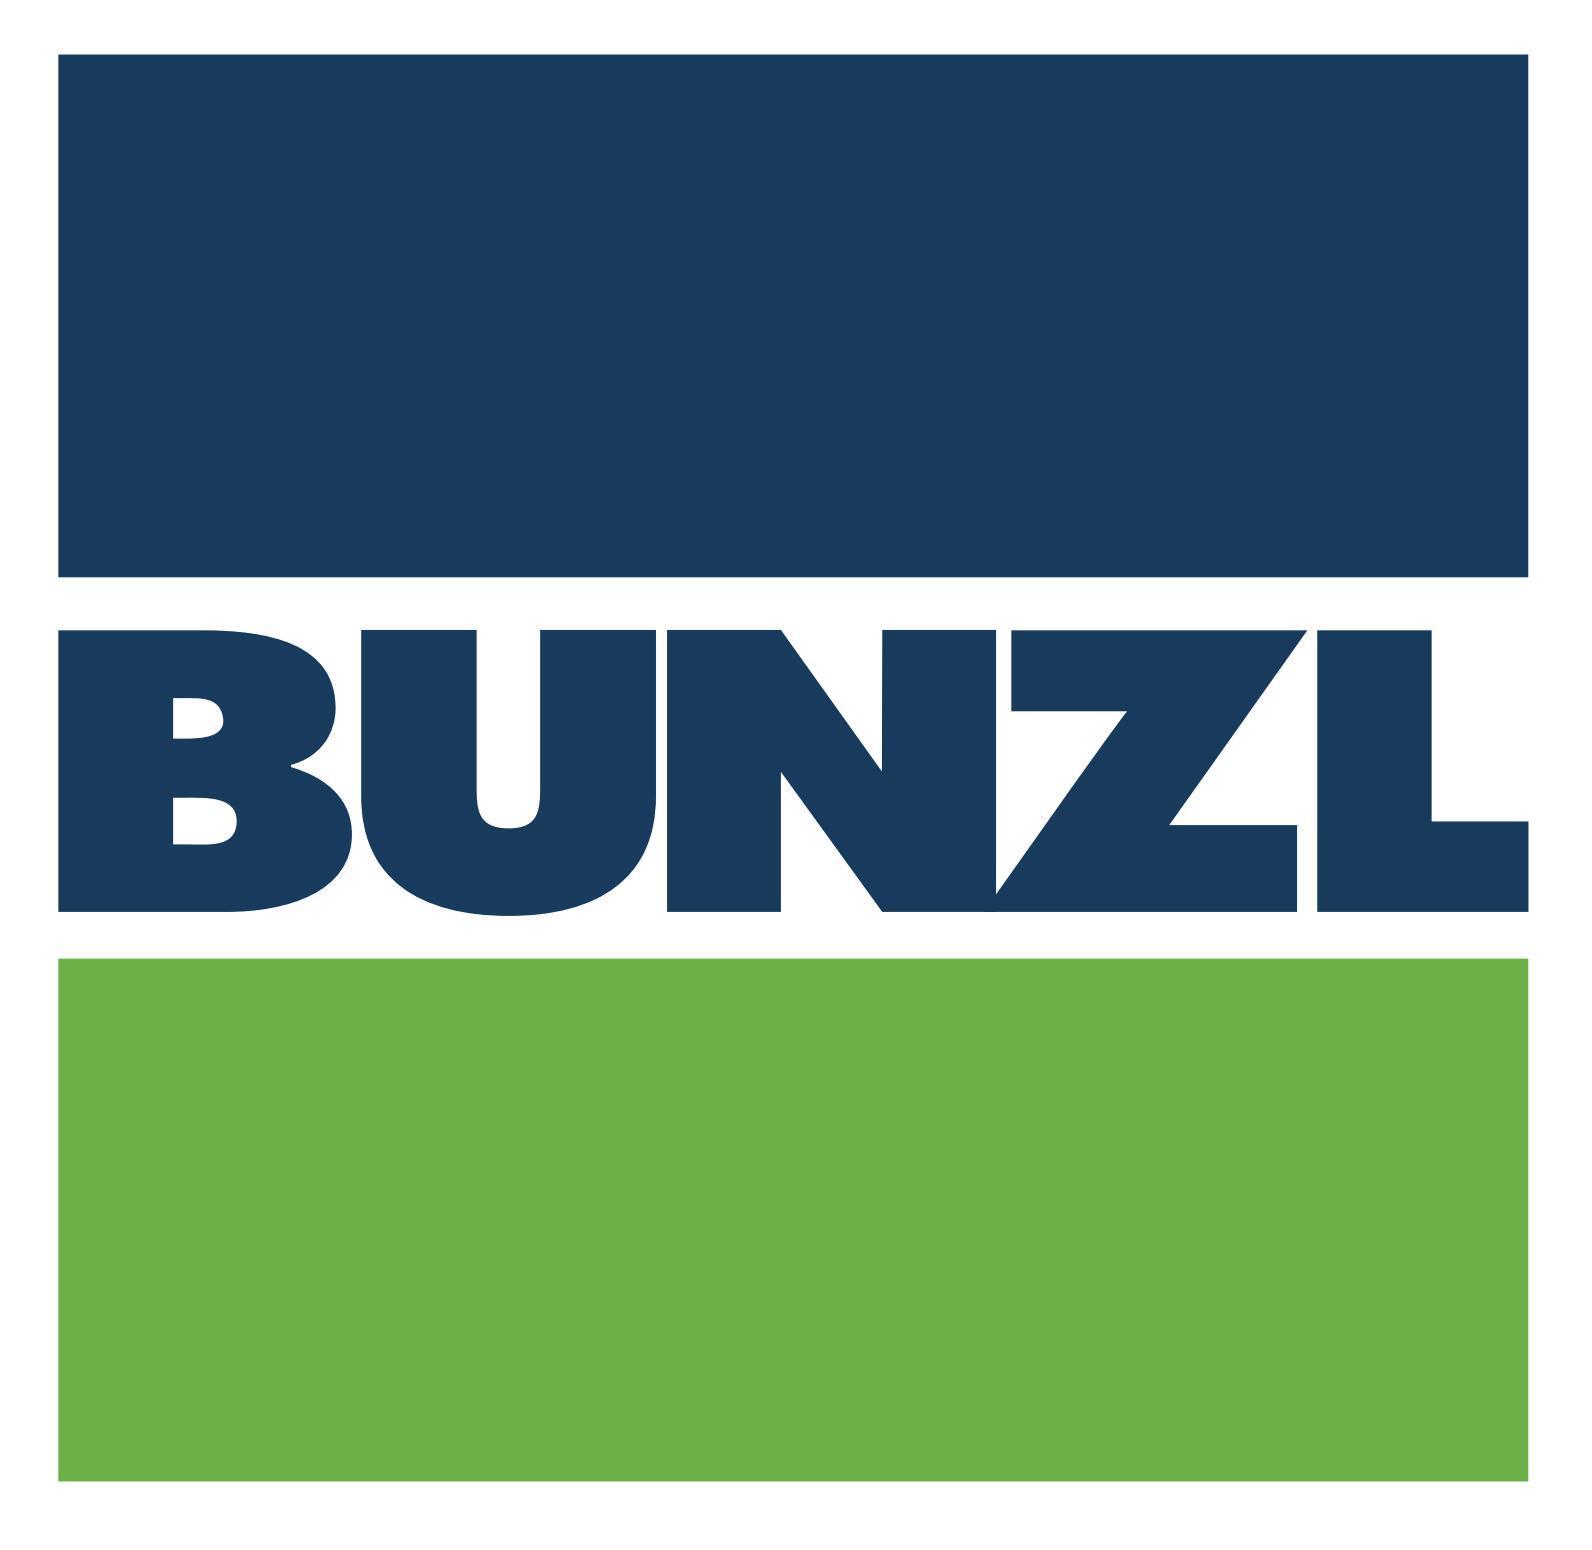 Bunzl